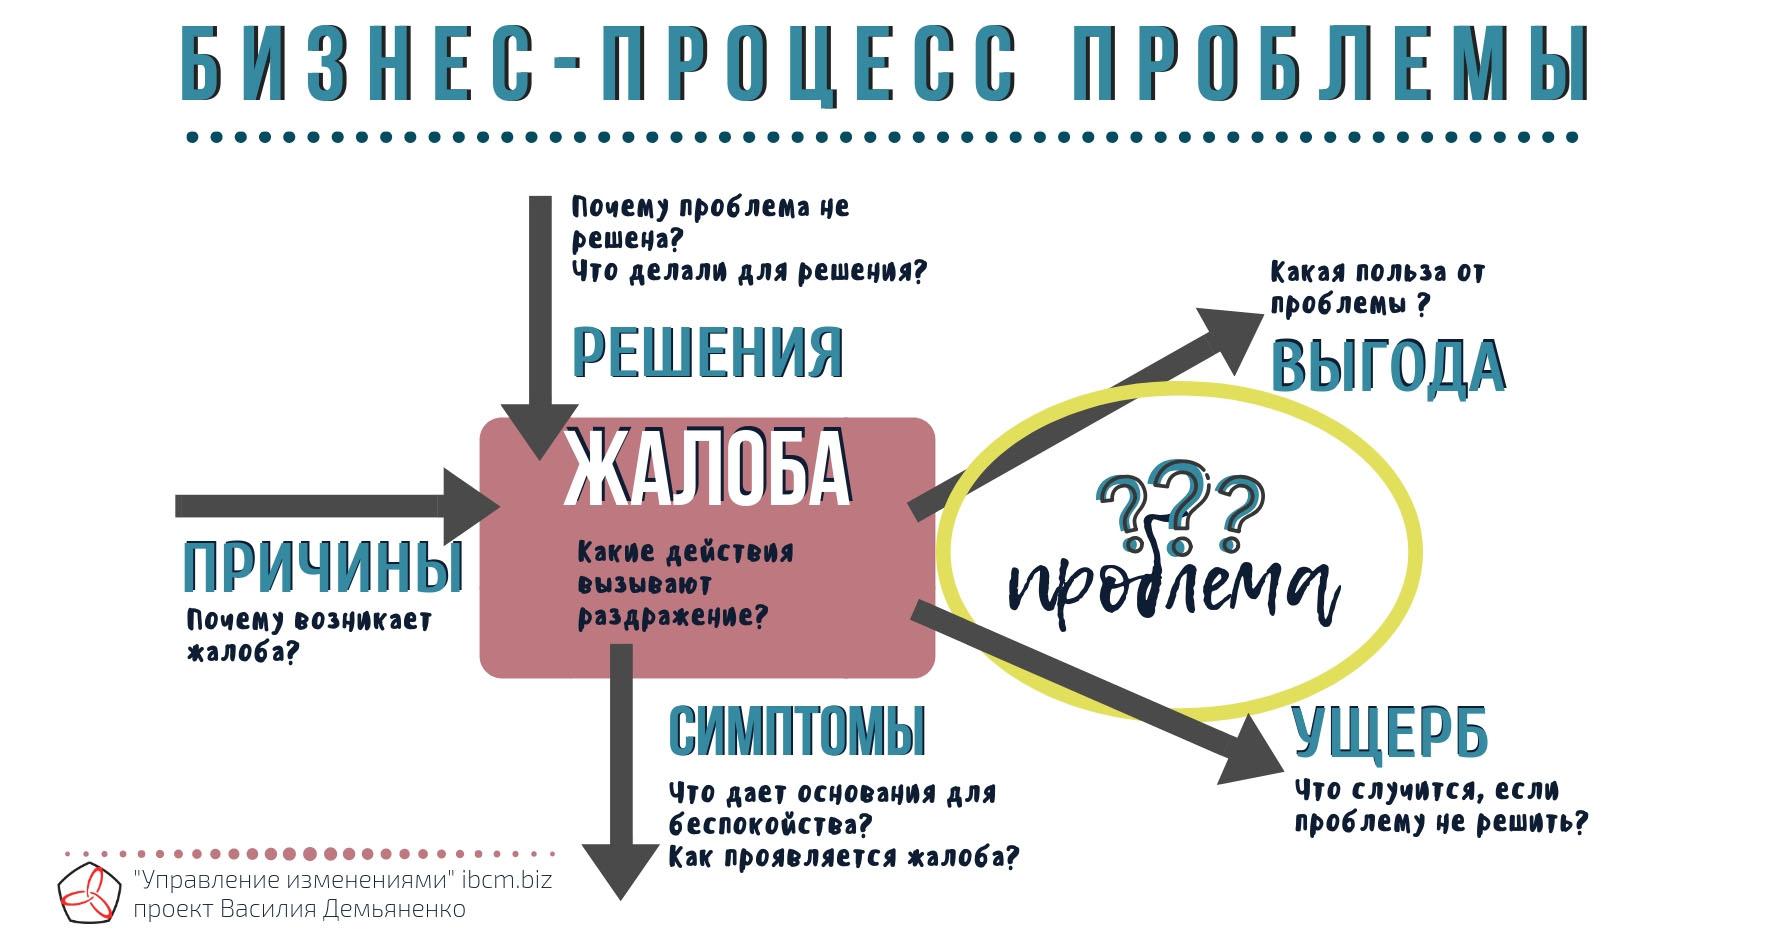 Бизнес-процесс проблемы